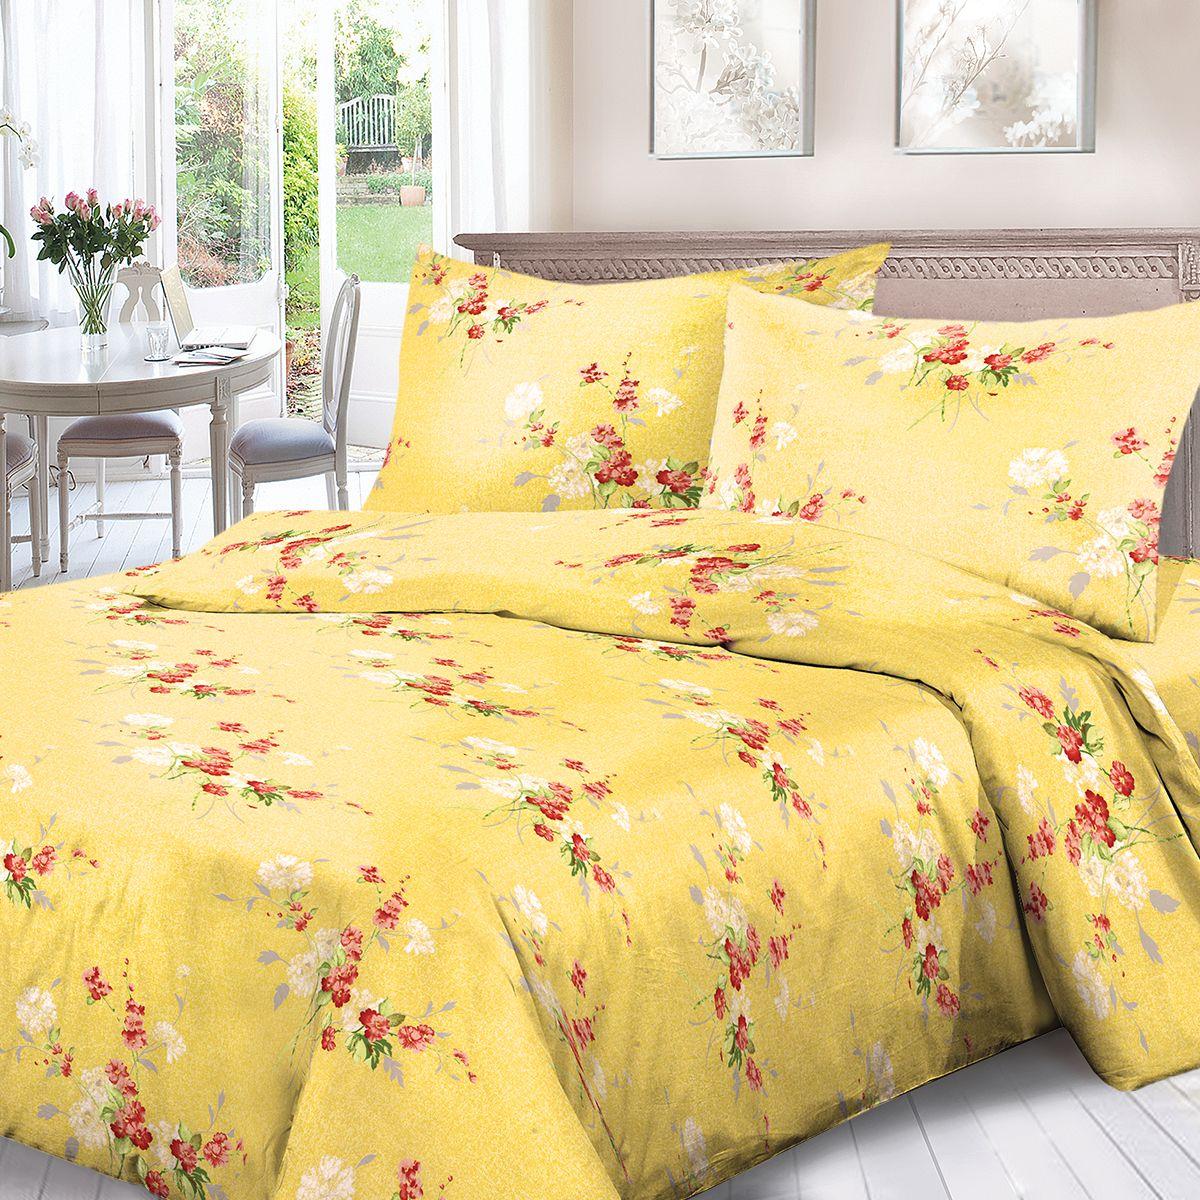 Комплект белья Для Снов Амброзия, евро, наволочки 70x70, цвет: желтый. 1536-187330